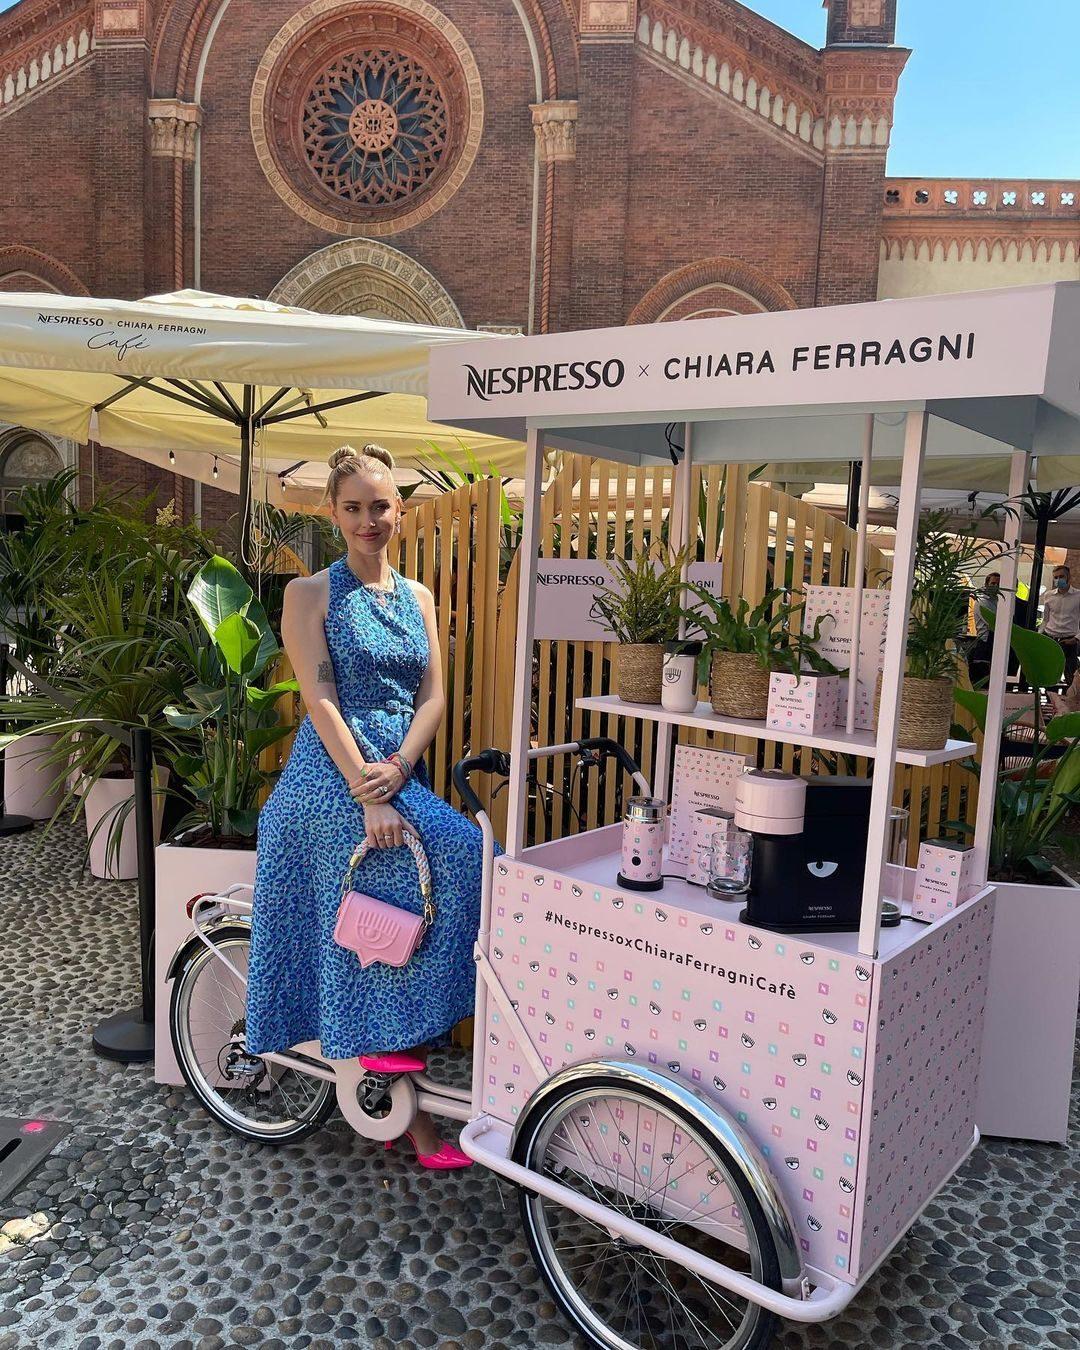 Chiara Ferragni al Espresso Café